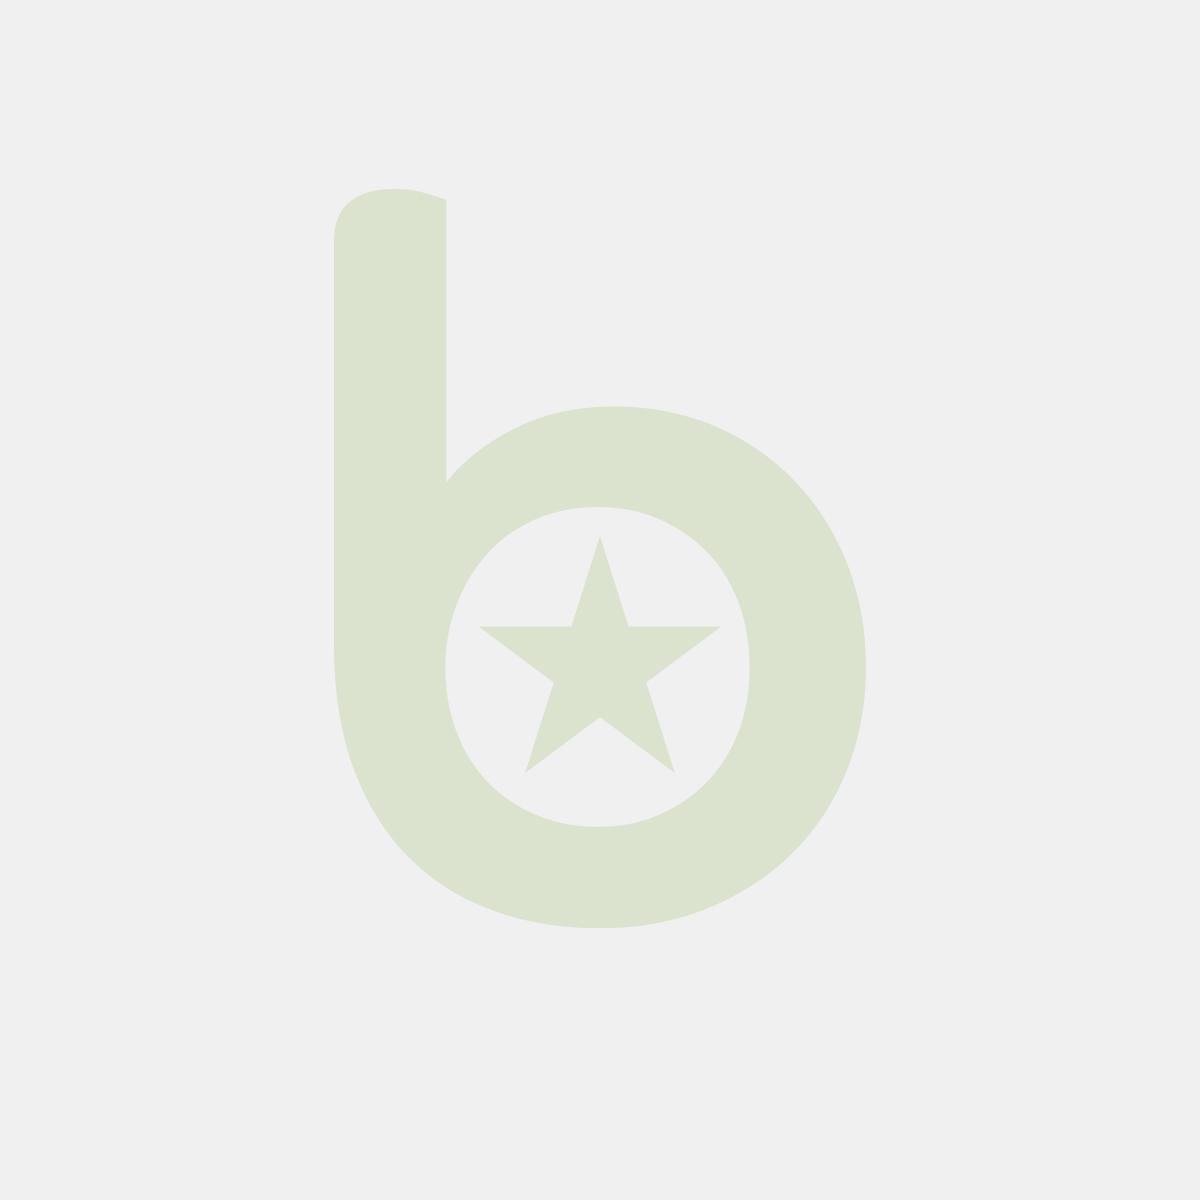 Taca prostokątna Le Perle biała melamina 44x27x3cm